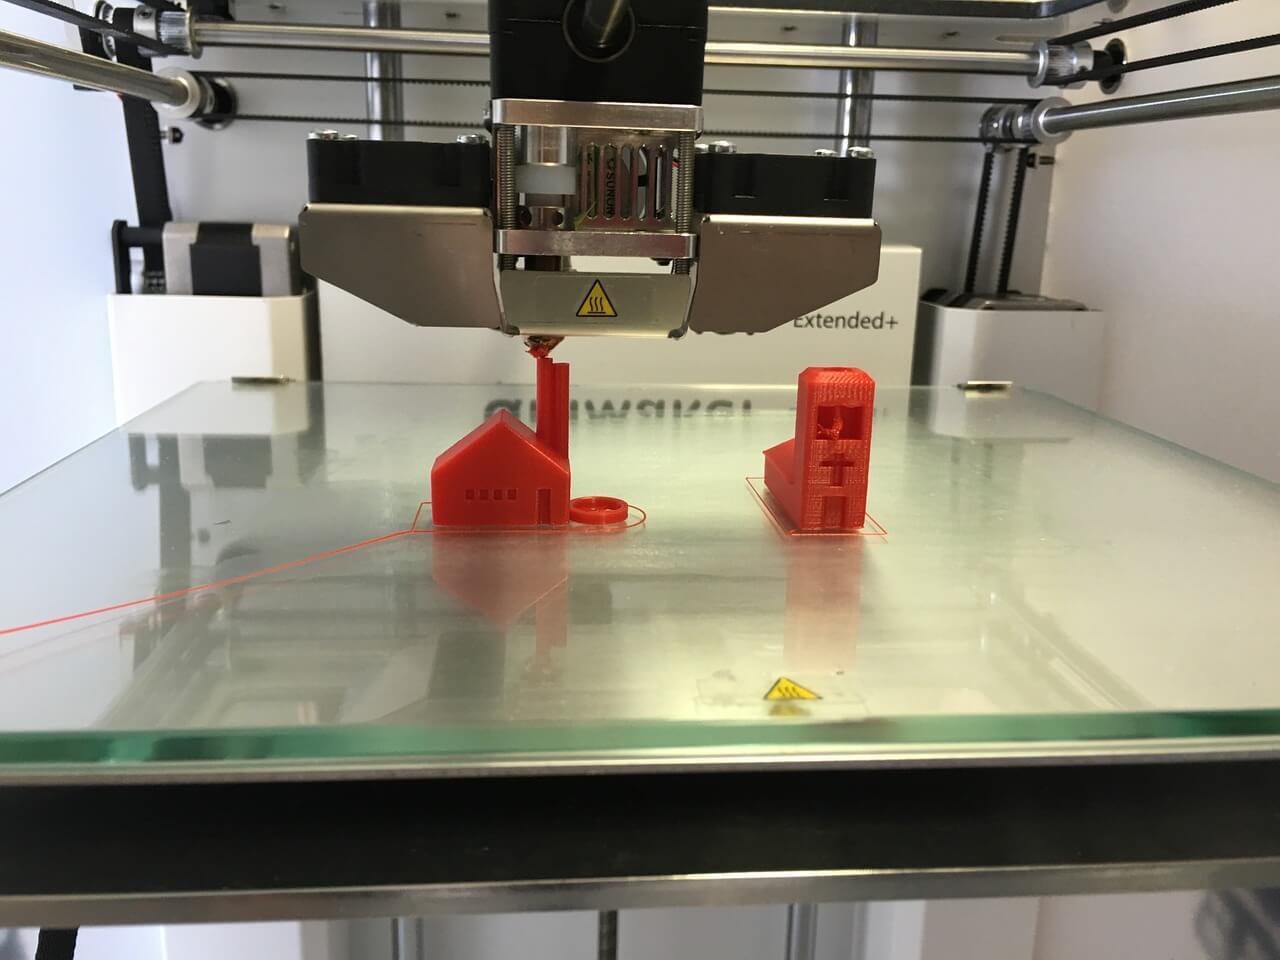 Build a 3D Printer